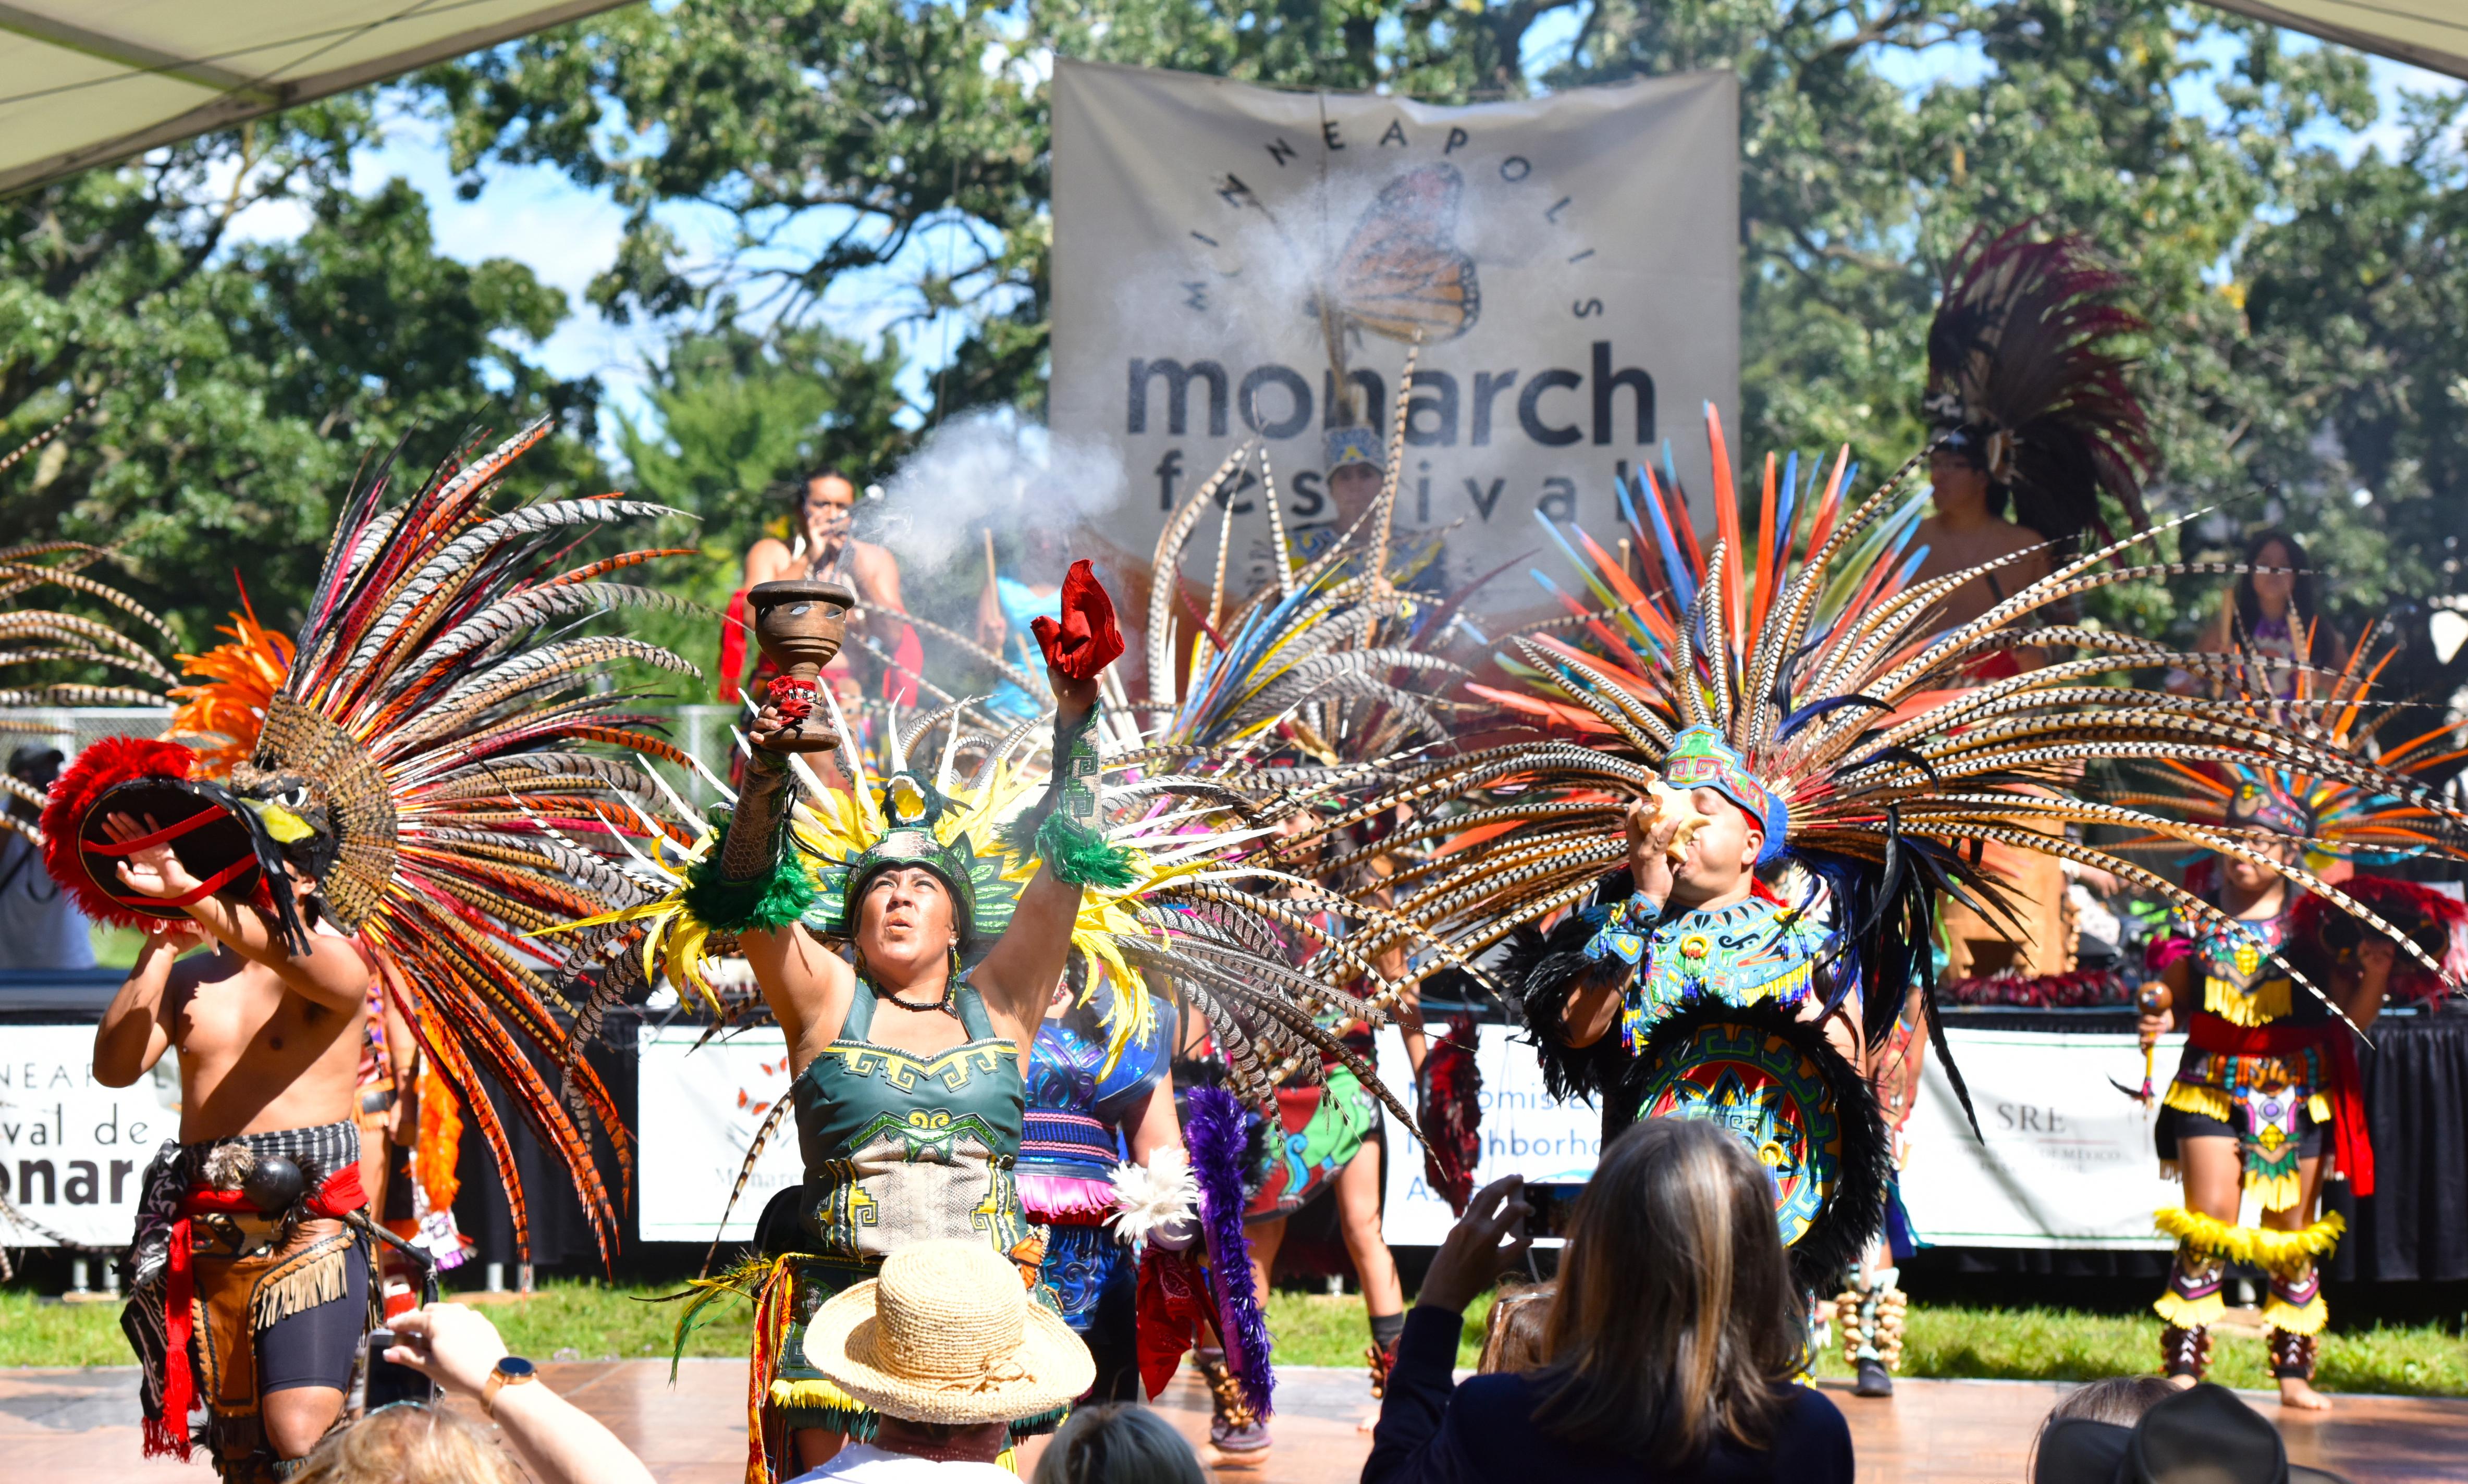 Monarch Festival_2016_09_12_H-68